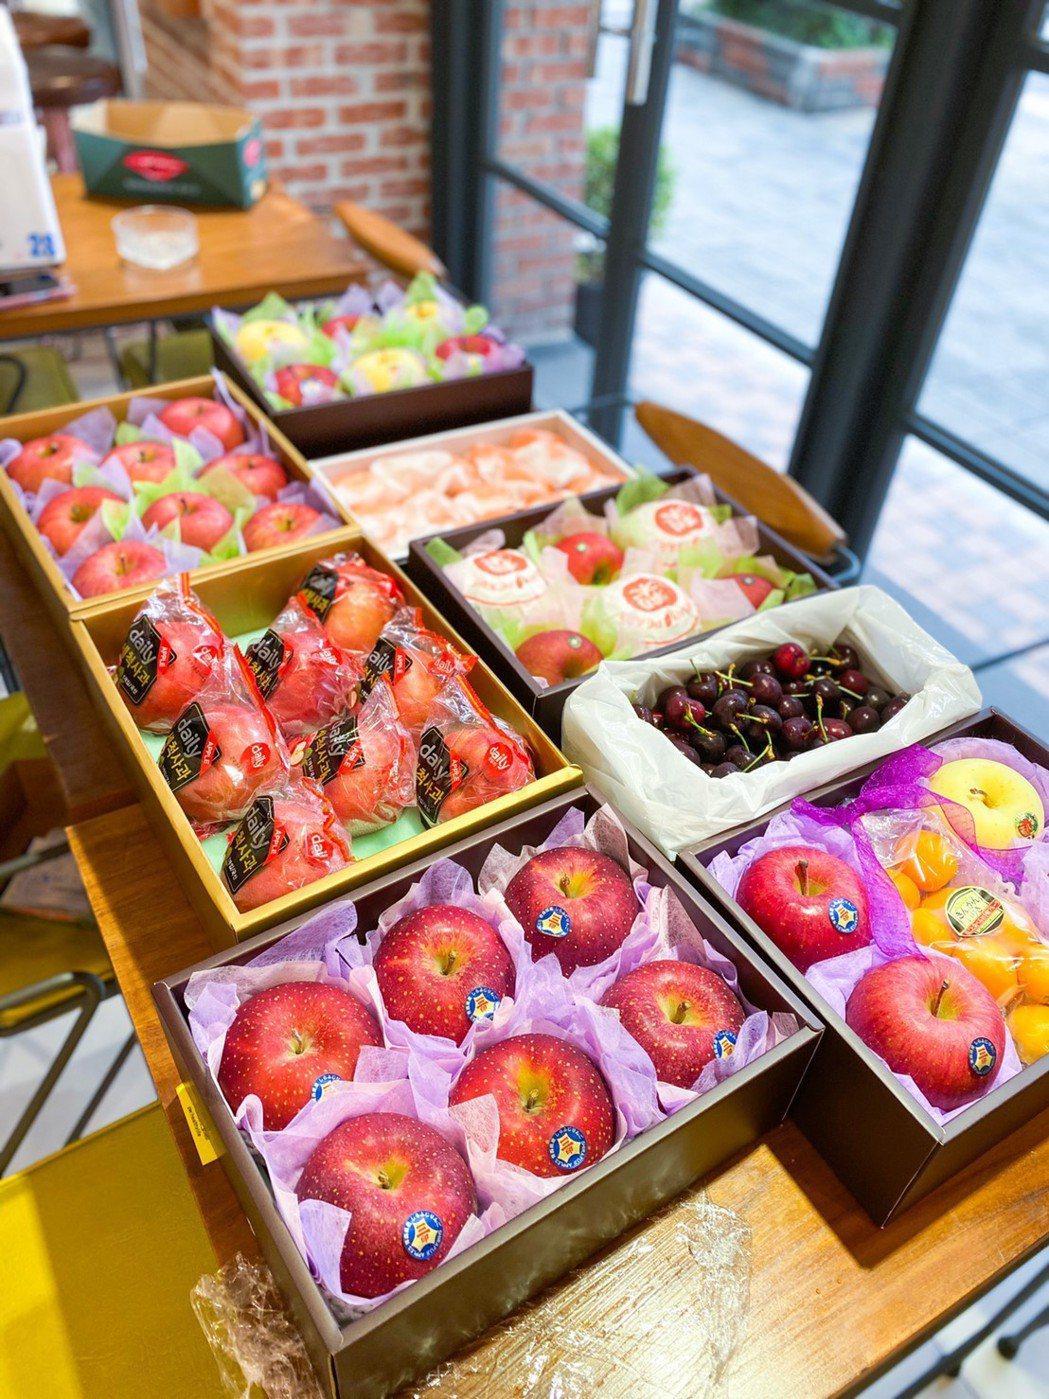 新鮮屋為全球蔬果最齊全,最嚴格把關的行家,送禮最頂級享受。特智有限公司/提供